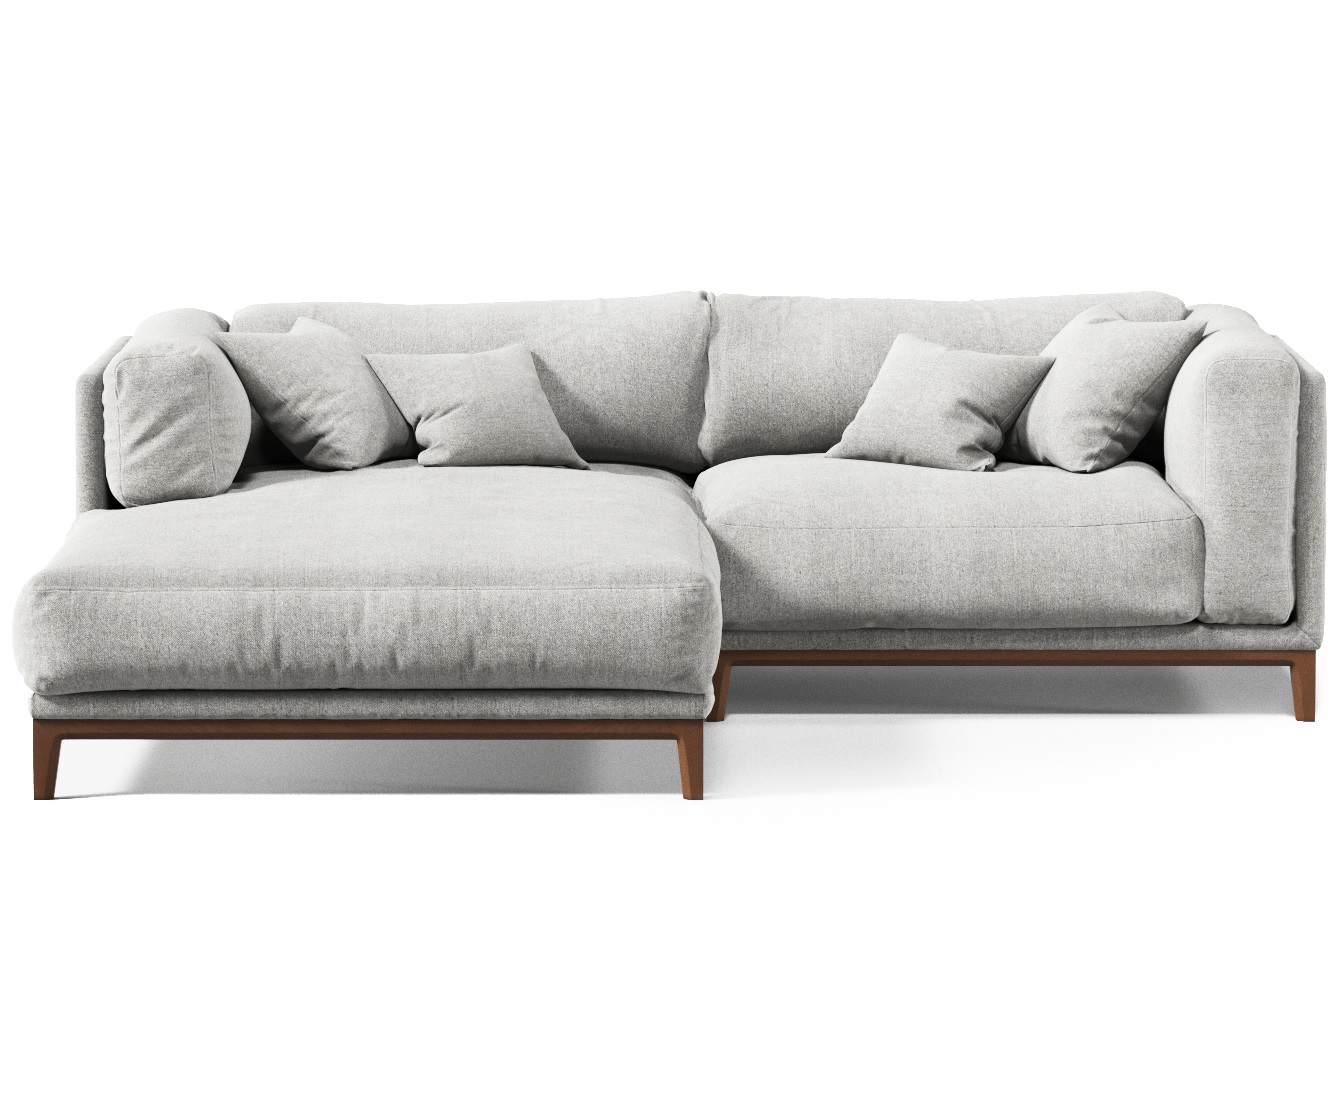 Диван Case 2Модульные диваны<br>&amp;lt;div&amp;gt;Эта модель трехместного дивана подойдет в любые помещения благодаря модульной конструкции, современному дизайну и эргономичному наполнителю. Объемные подушки из прорезиненного пенополиуретана нескольких степеней жесткости вместе с удобной глубокой посадкой создают необычайно комфортную зону отдыха и легко восстанавливают форму.&amp;lt;br&amp;gt;&amp;lt;/div&amp;gt;&amp;lt;div&amp;gt;&amp;lt;br&amp;gt;&amp;lt;/div&amp;gt;&amp;lt;div&amp;gt;Все чехлы съемные, их легко стирать. Диваны не имеют оборотной стороны и могут устанавливаться в центре помещения. В комплекте с диваном поставляются декоративные подушки.&amp;amp;nbsp;&amp;lt;div&amp;gt;Диван Case доступен к заказу в нескольких категориях ткани и с 5 вариантами тонировки ножек. Кроме того, возможен заказ дивана Case в индивидуальном размере и в собственной ткани.&amp;lt;/div&amp;gt;&amp;lt;div&amp;gt;Вы можете выбрать любой цвет обивки из палитры. В категории 1 цена без изменения. Категории 2 и 3 цена по запросу у менеджера.&amp;amp;nbsp;&amp;lt;div&amp;gt;Также возможны нестандартные варианты сочетания обивки и отделки дивана. Гарантия на изделия составляет 3 года.&amp;lt;/div&amp;gt;&amp;lt;/div&amp;gt;&amp;lt;/div&amp;gt;<br><br>Material: Текстиль<br>Ширина см: 248<br>Высота см: 80<br>Глубина см: 195